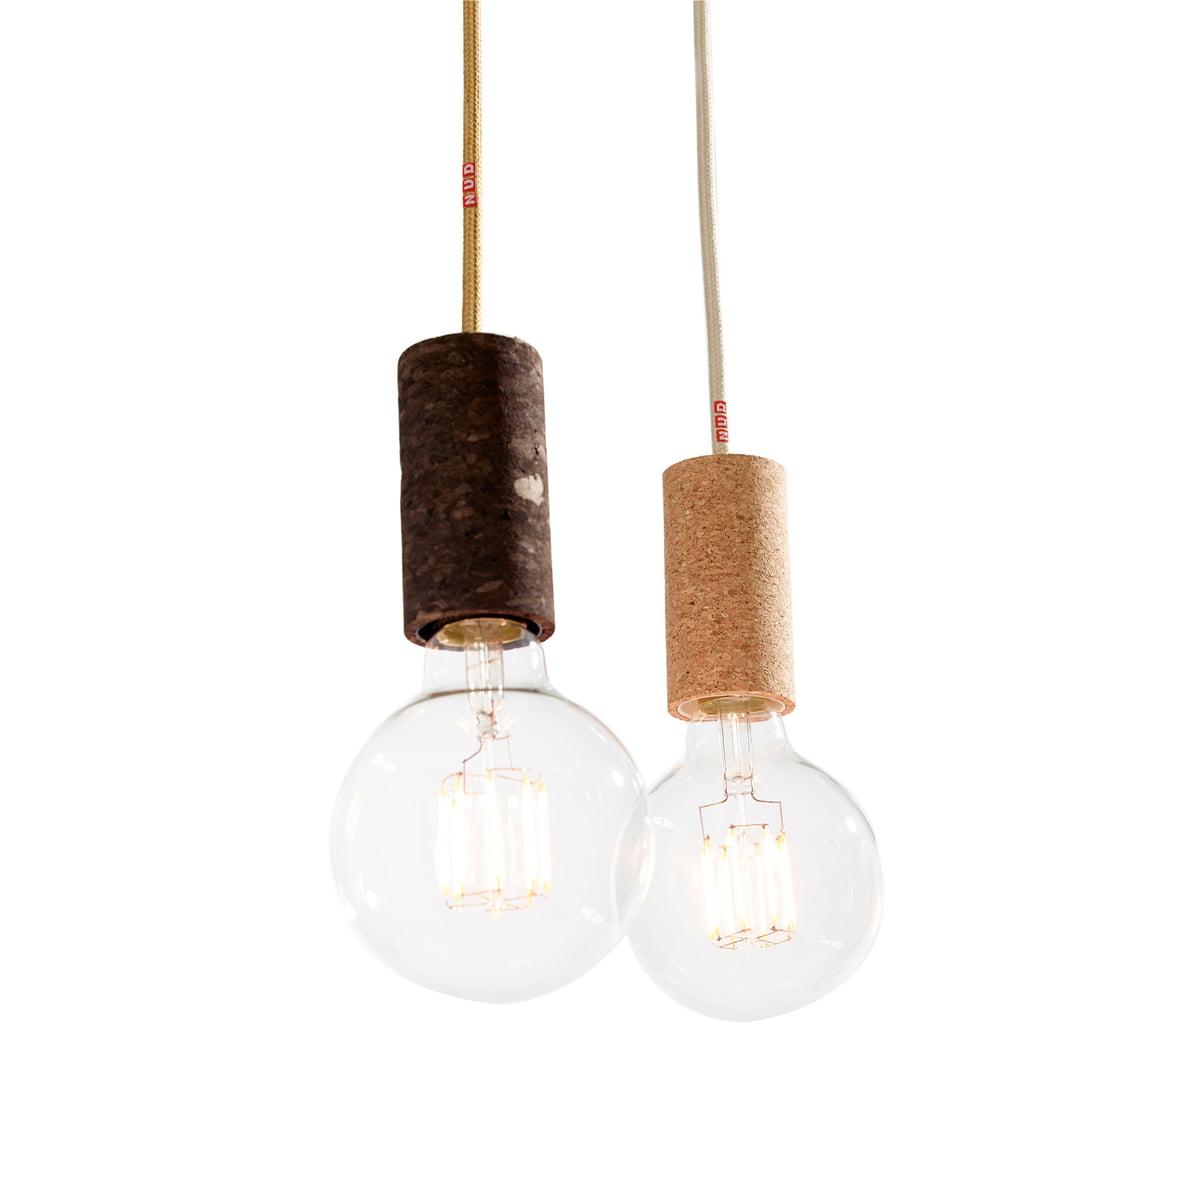 La lampe en li ge de nud collection connox - Ampoule nud collection ...